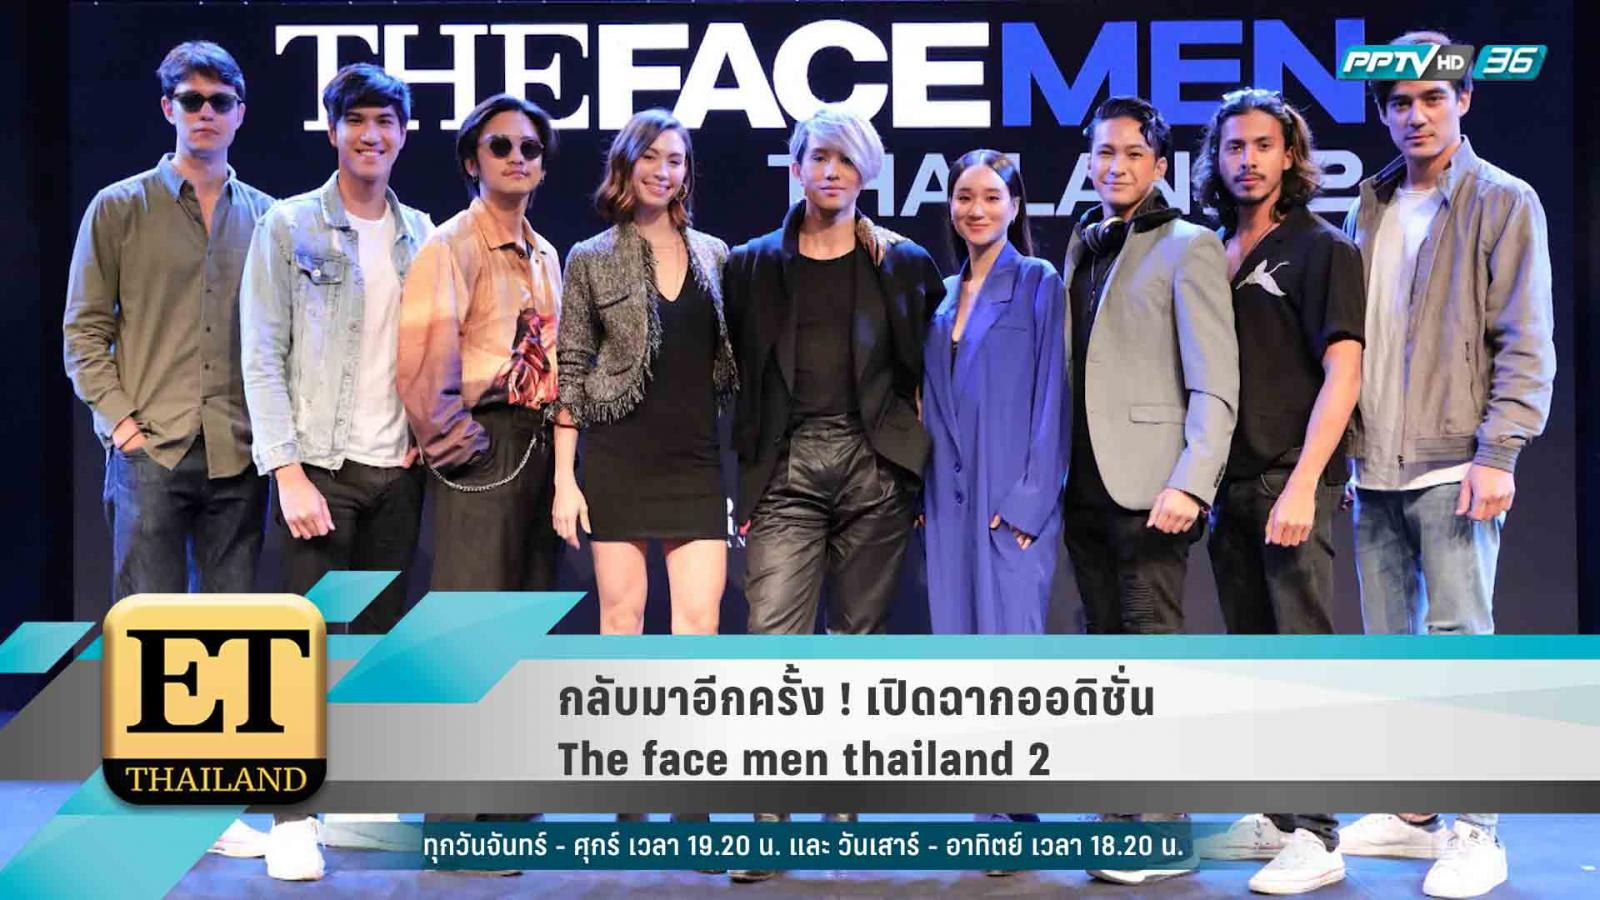 กลับมาอีกครั้ง ! เปิดฉากออดิชั่น the face men thailand 2